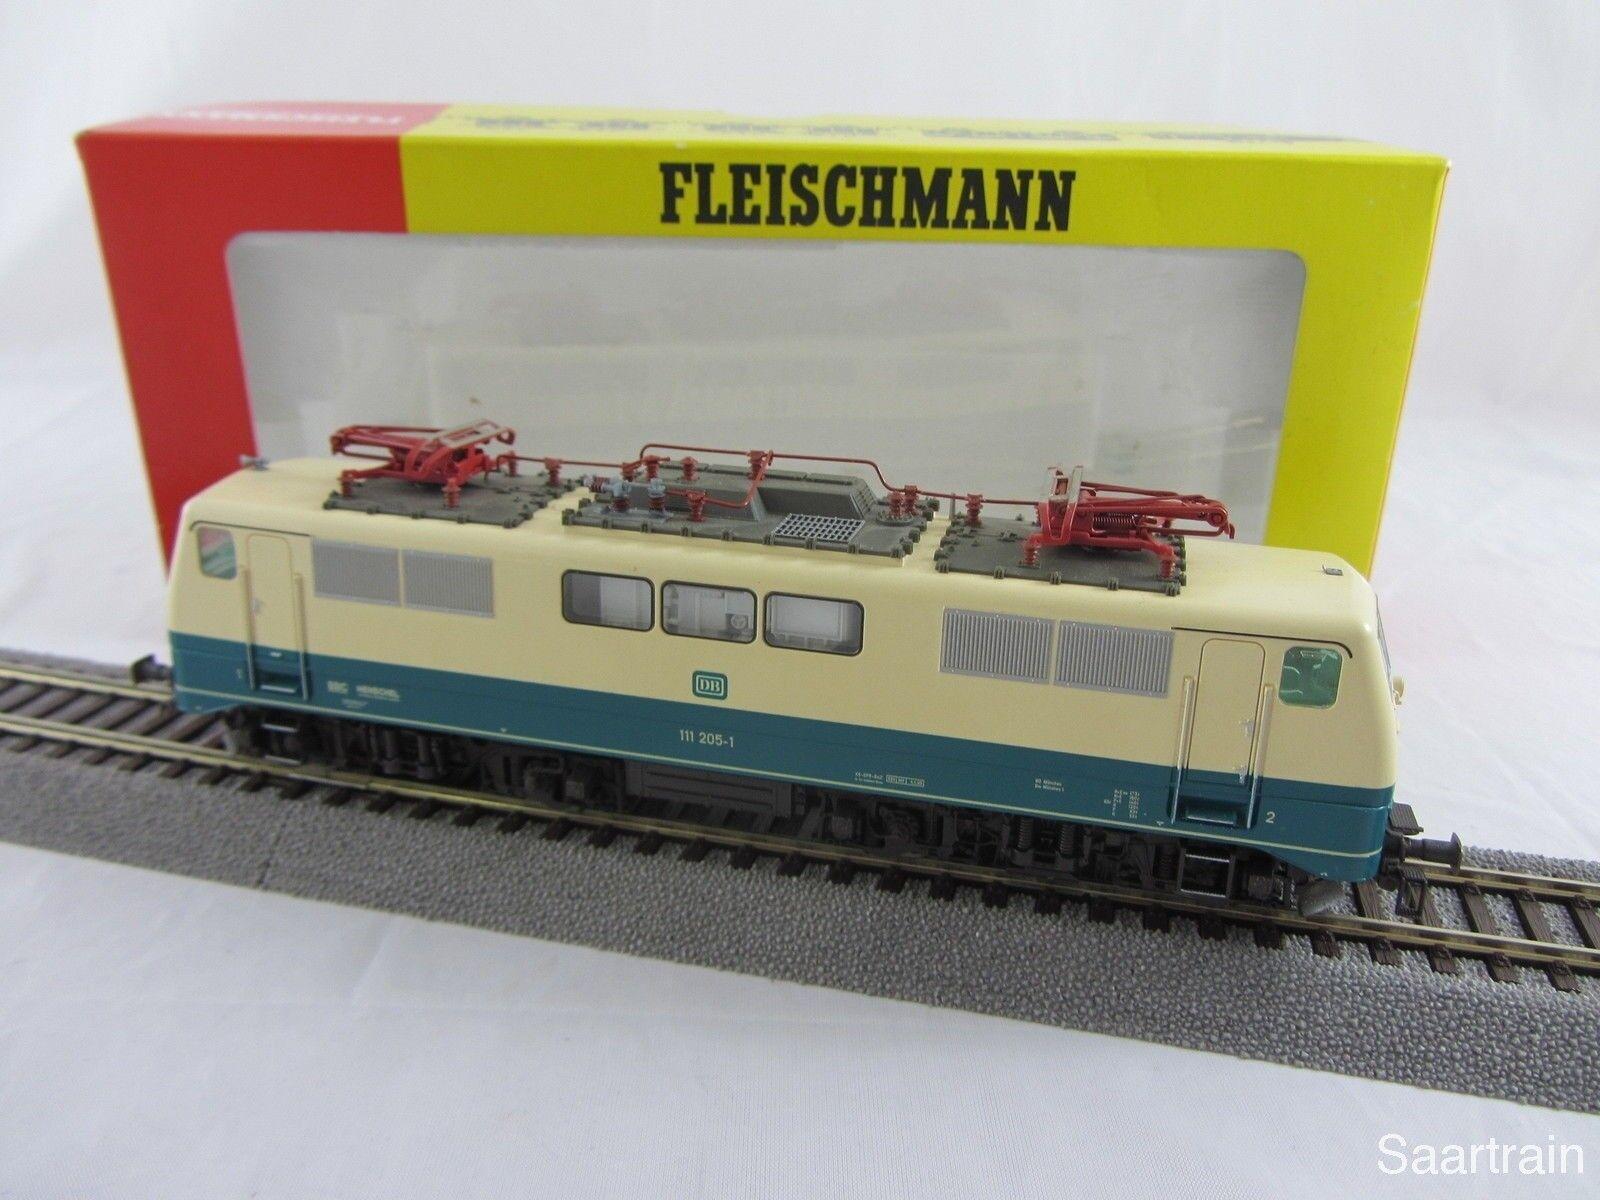 Fleischmann 4348 e Lok br 111 205 1 de la DB en azul beige buen estado con embalaje original